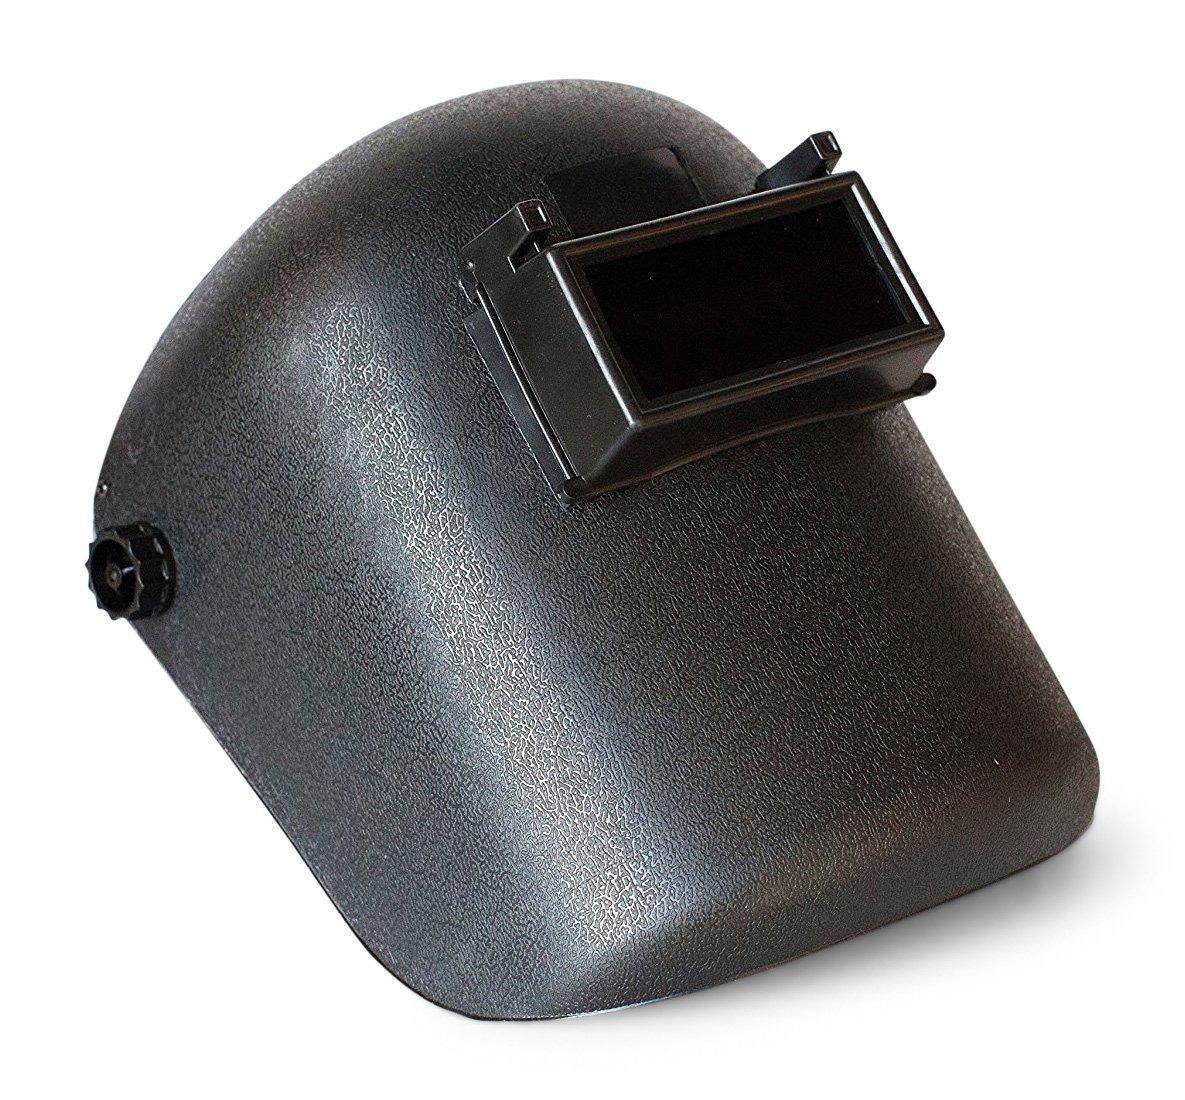 Welding Mask - Welders Helmet with Flip Front and Adjustable Rear Strap Accessories - Welder Hood